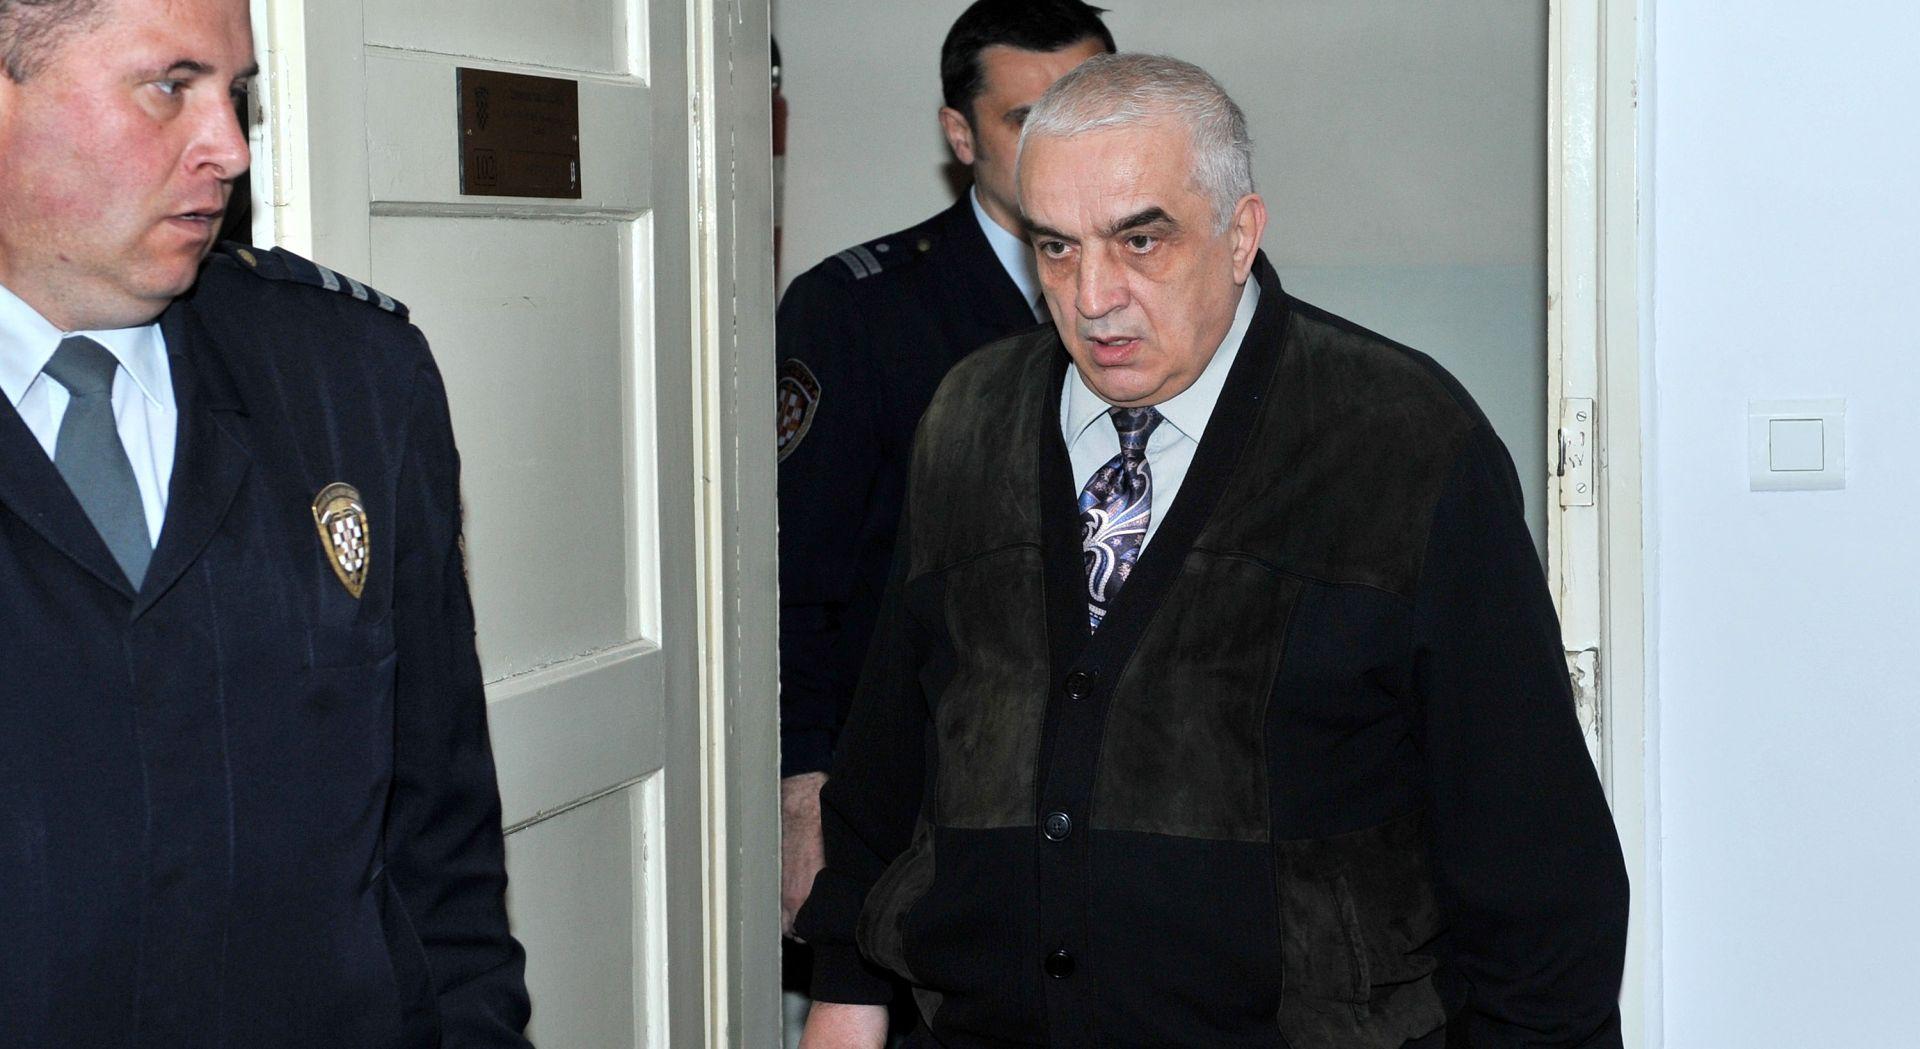 Derenčinović: Sulićevo pomilovanje predloženo zbog zdravstvenih razloga